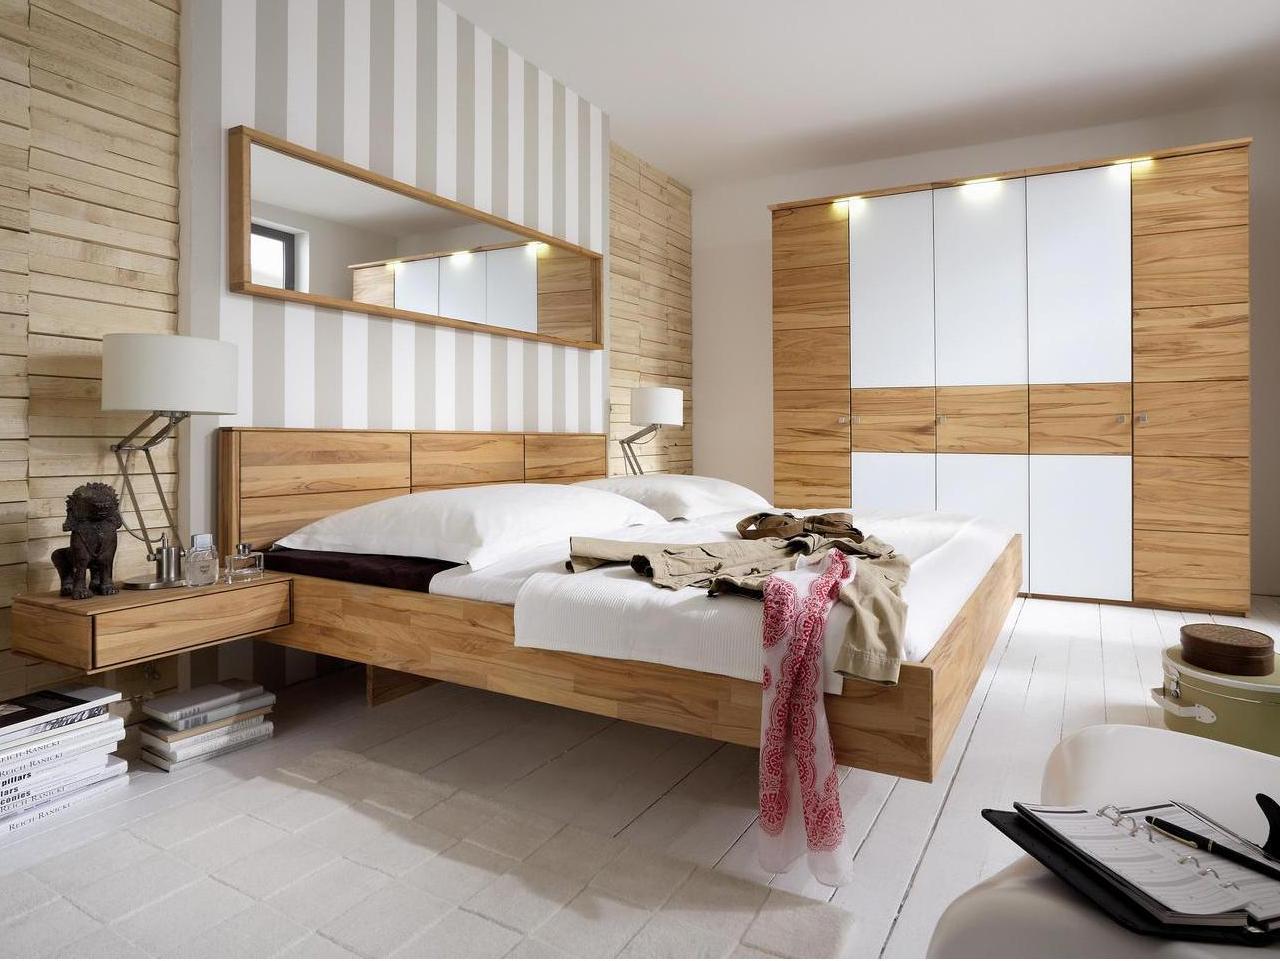 kleiderschrank massiv holz massivholz m bel in goslar massivholz m bel in goslar. Black Bedroom Furniture Sets. Home Design Ideas